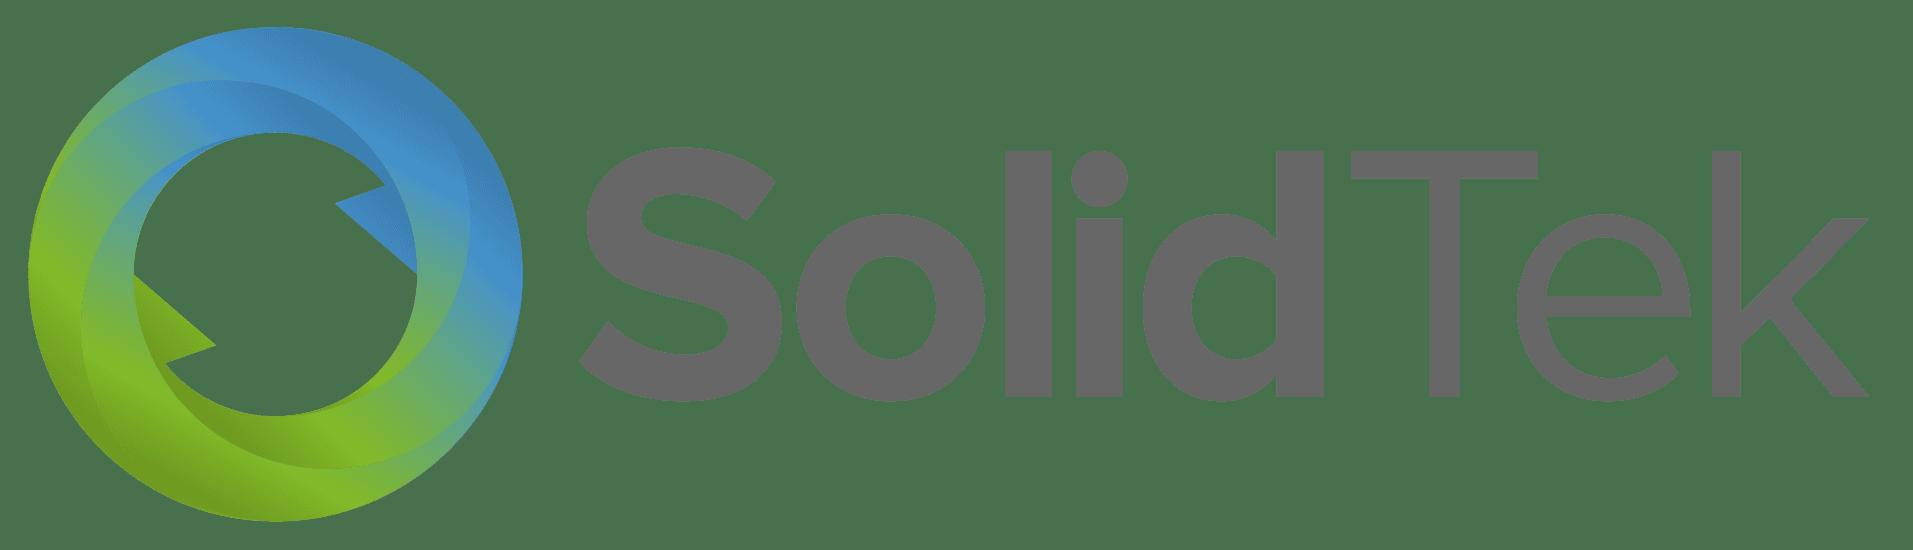 SolidTek™